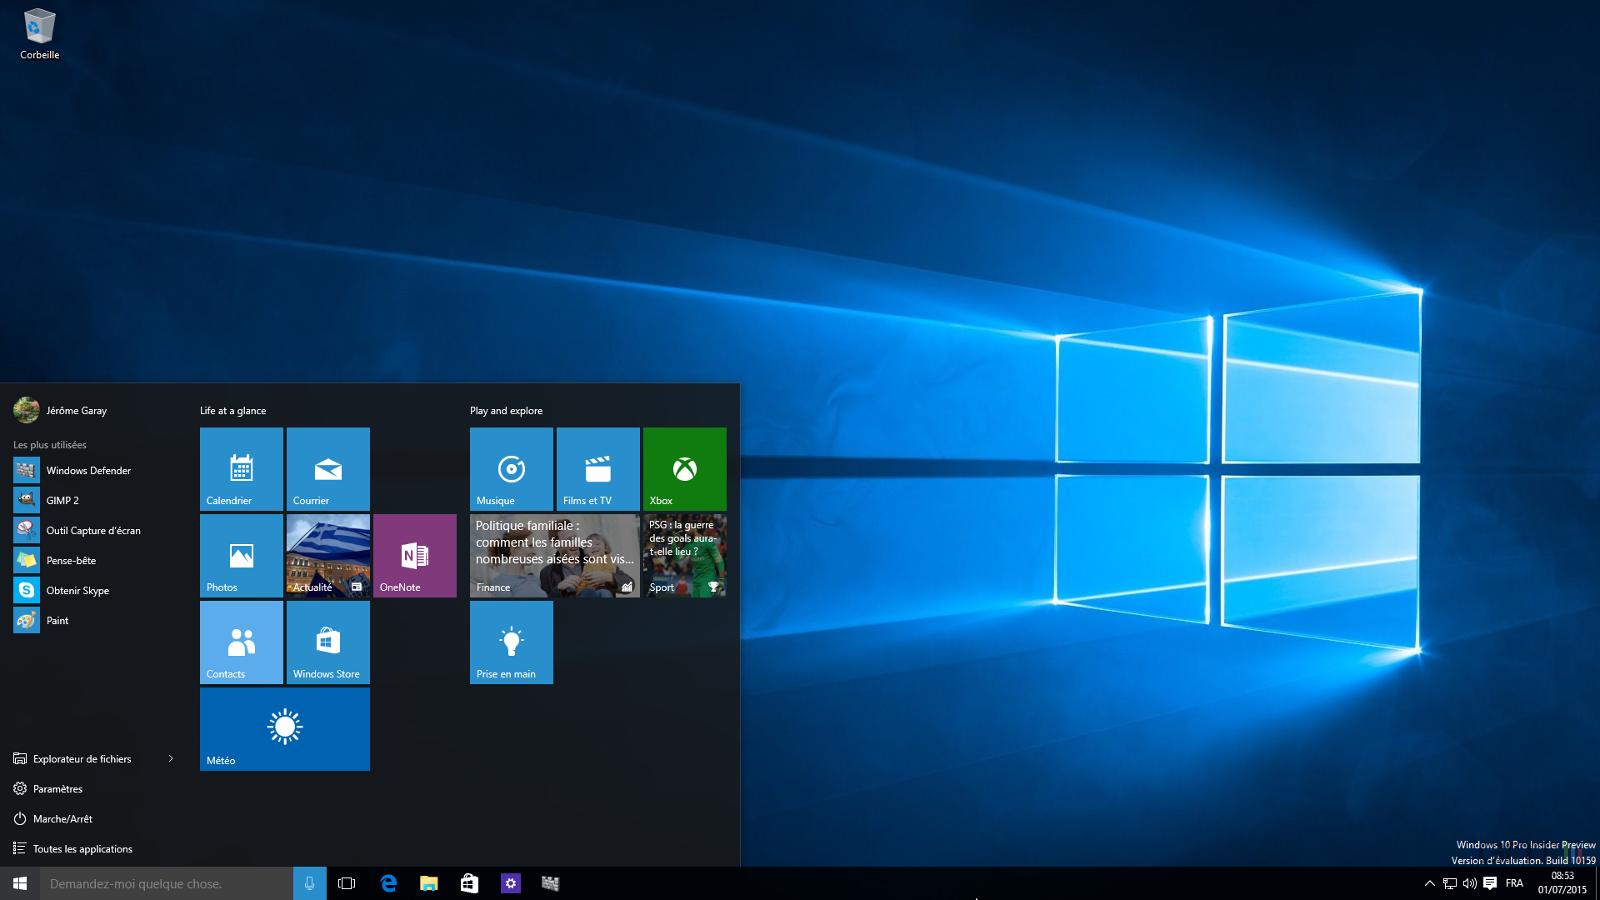 Windows 10 build 10159 bureau for Bureau windows